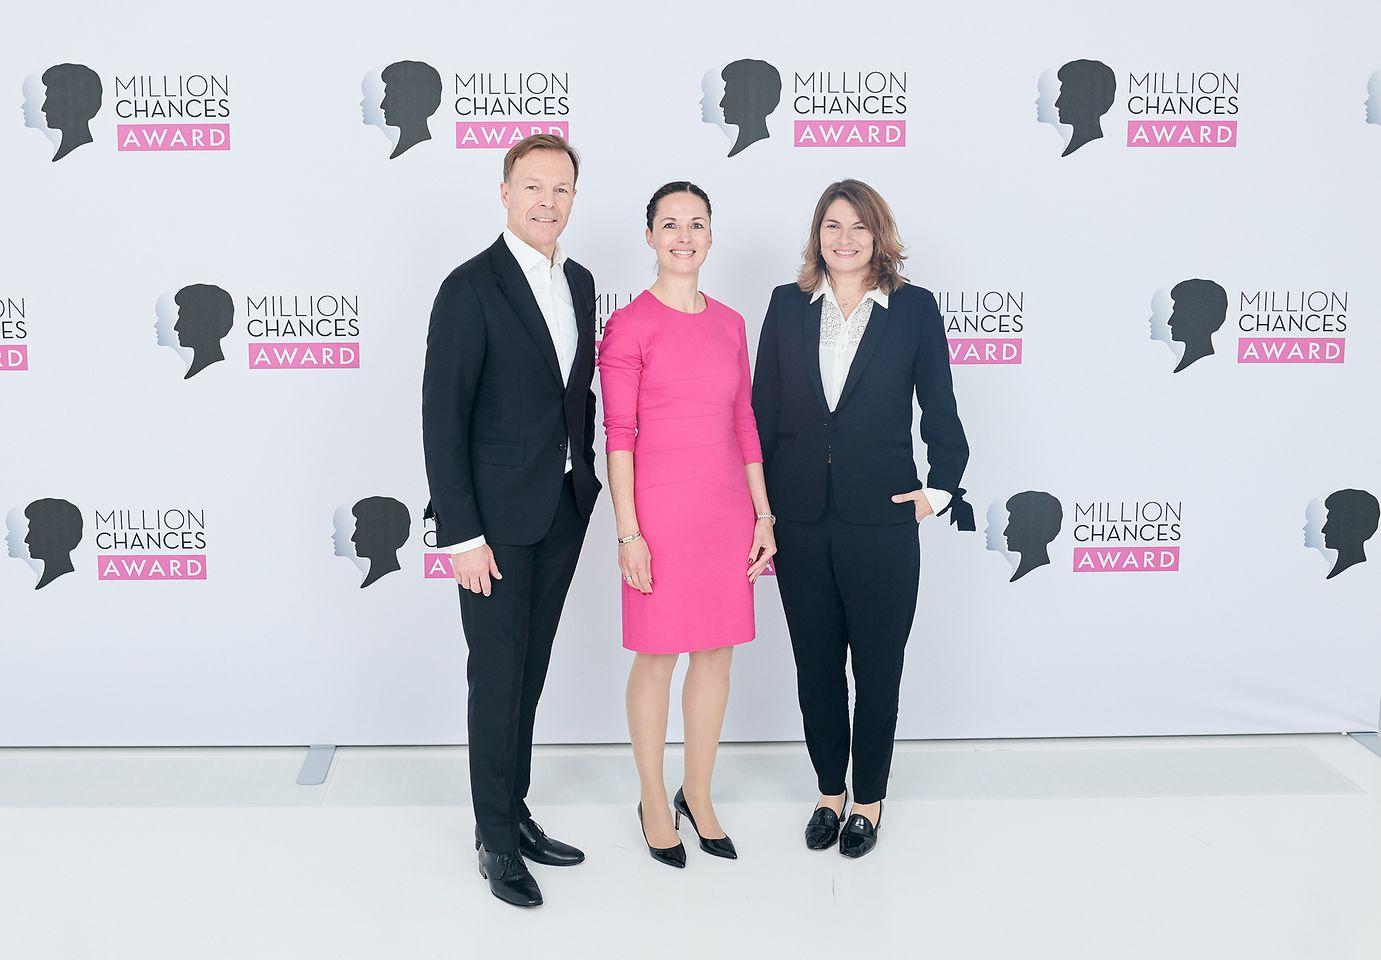 Schwarzkopf Million Chances Award 2019 - Jens Martin Schwärzler, Saskia Schmaus und Sylvie Nicol (vlnr)